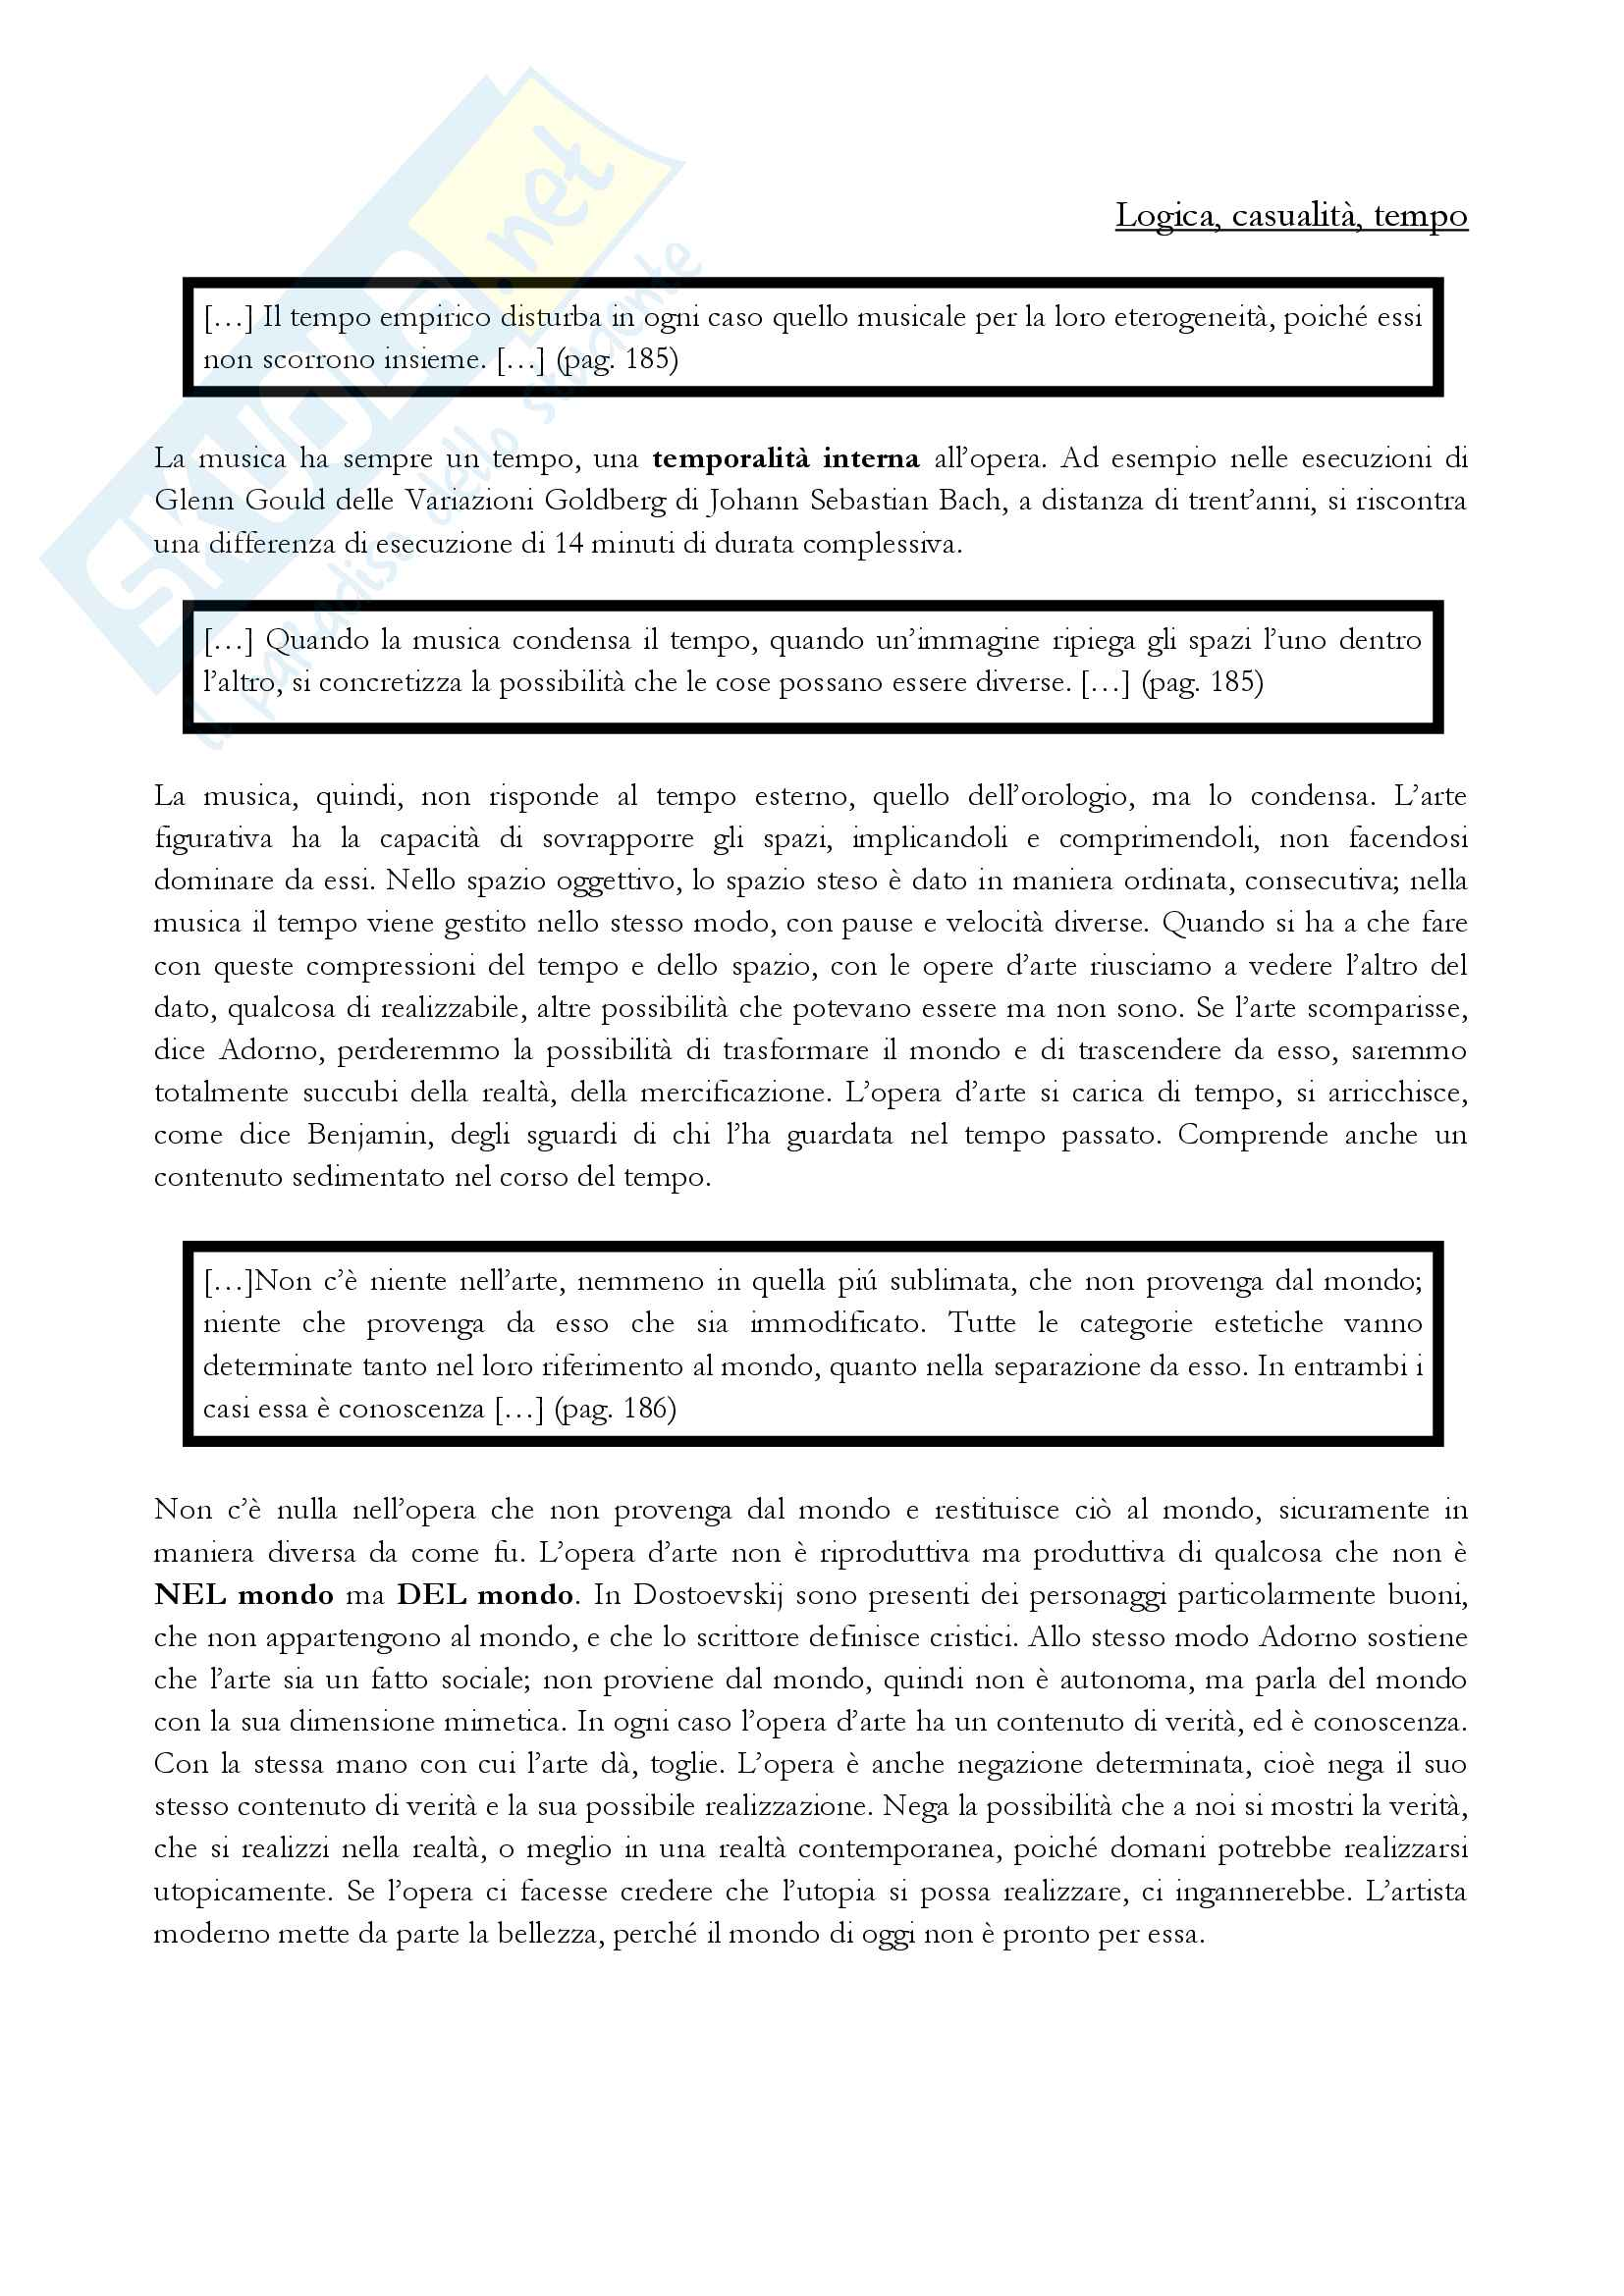 Th.W.Adorno - Teoria Estetica (Commentata e spiegata dal prof. Giuseppe Di Giacomo) Pag. 16